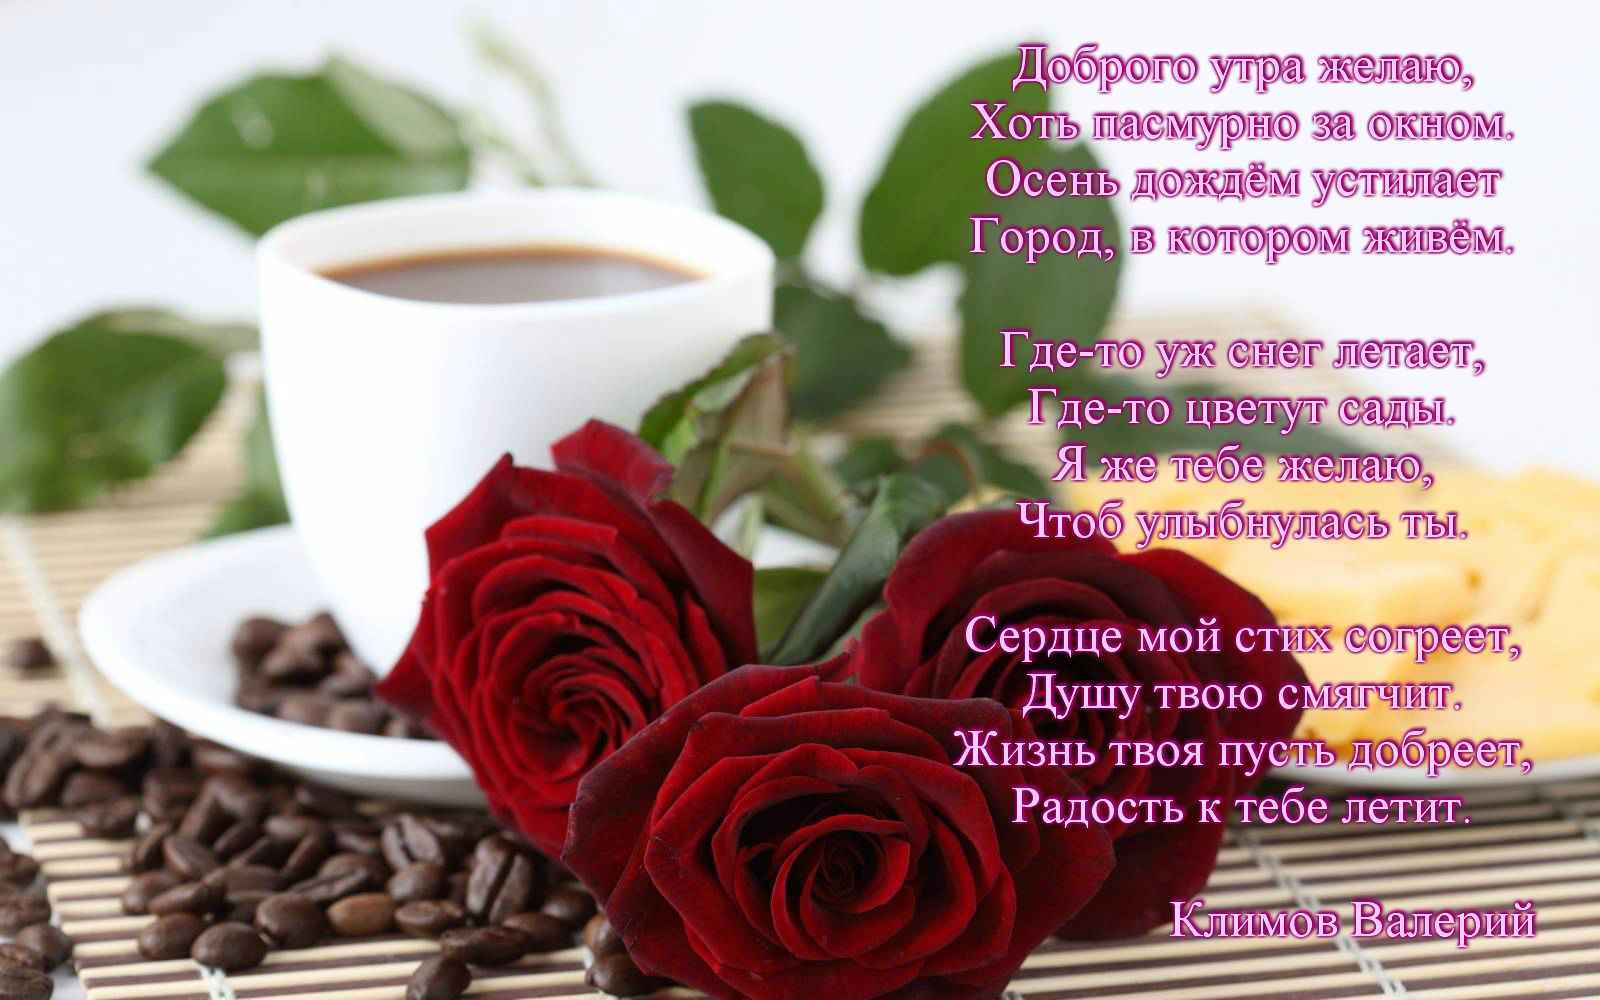 Пожелание доброго утра девушке в картинках с цветами, день